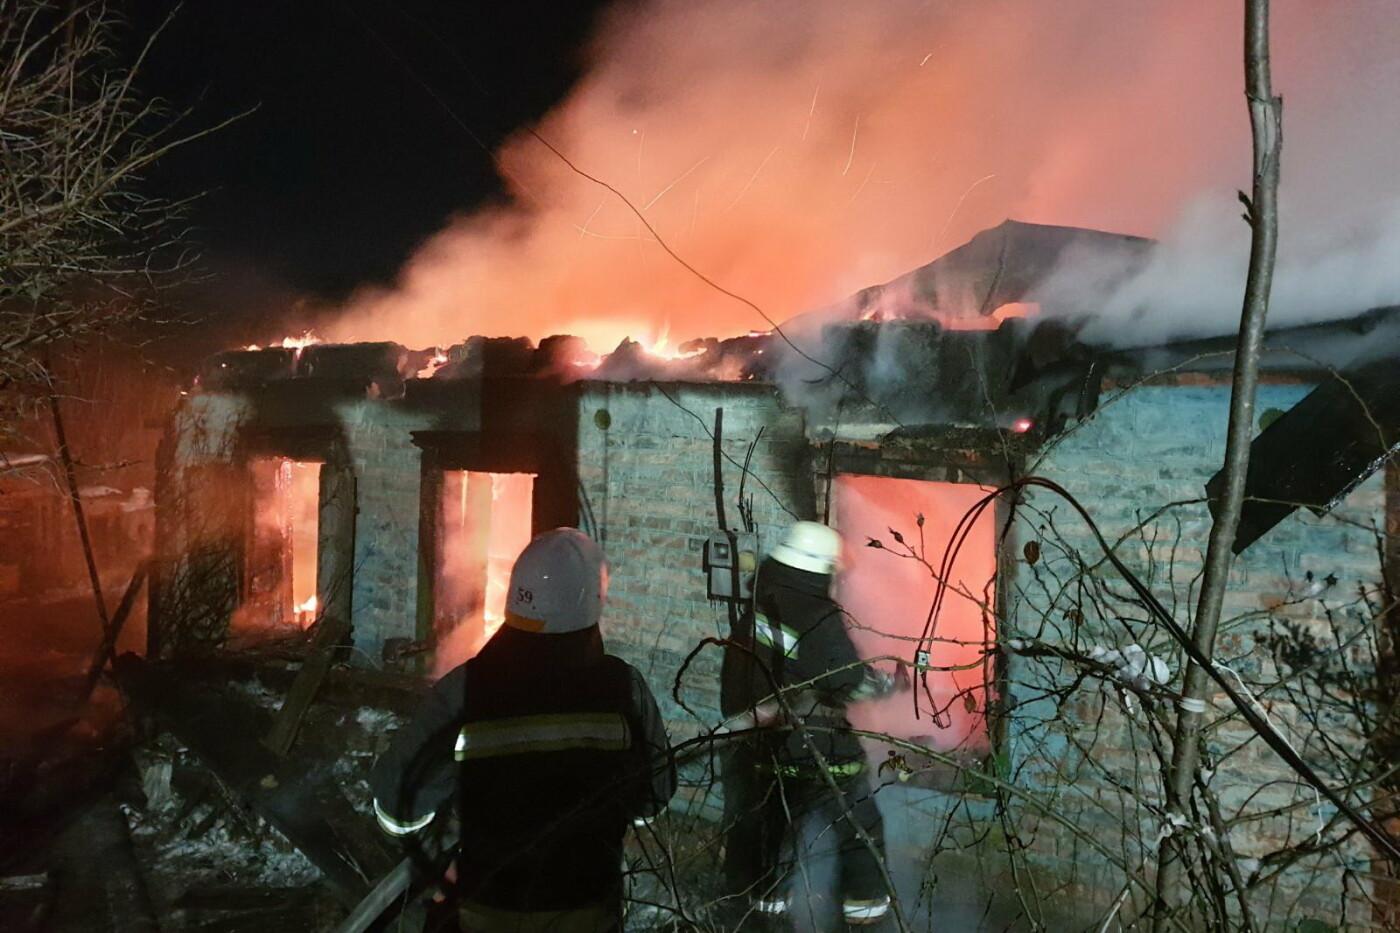 На Харьковщине спасатели восемь часов тушили пожар в частном доме, - ВИДЕО, ФОТО, фото-2